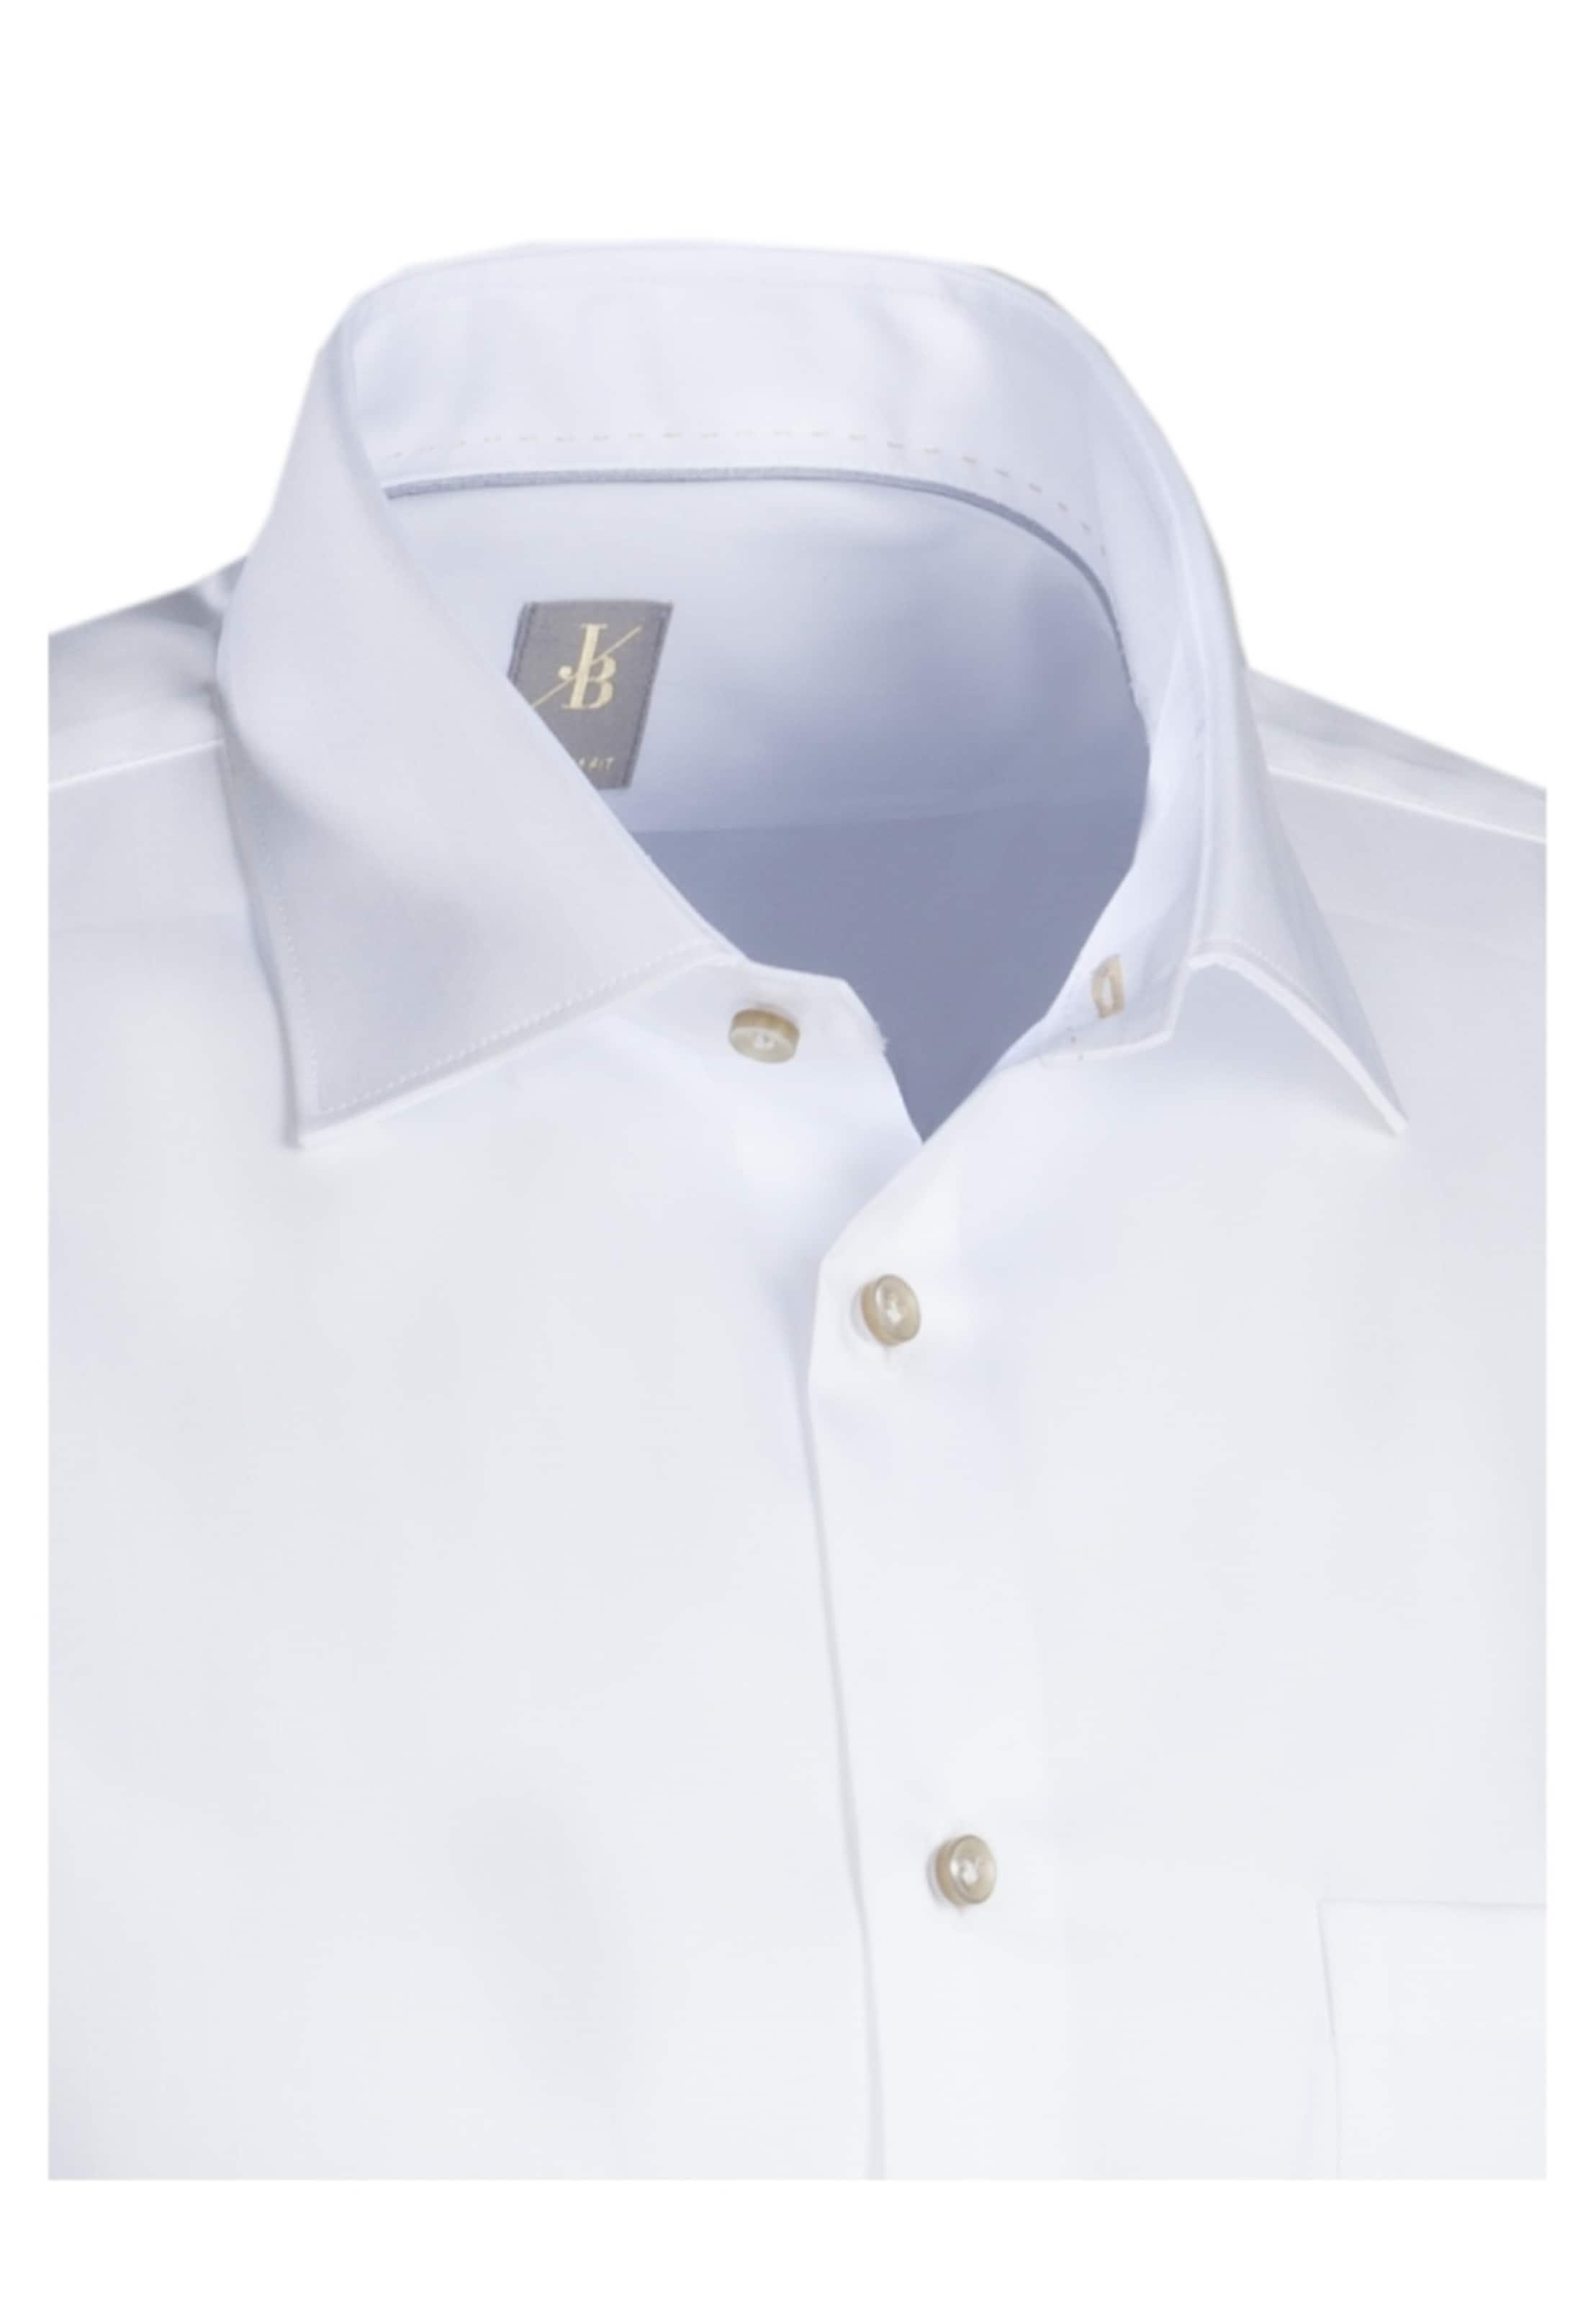 Shop Für Günstige Online Jacques Britt City-Hemd 'Slim Fit' Wählen Sie Eine Beste sG8Dd